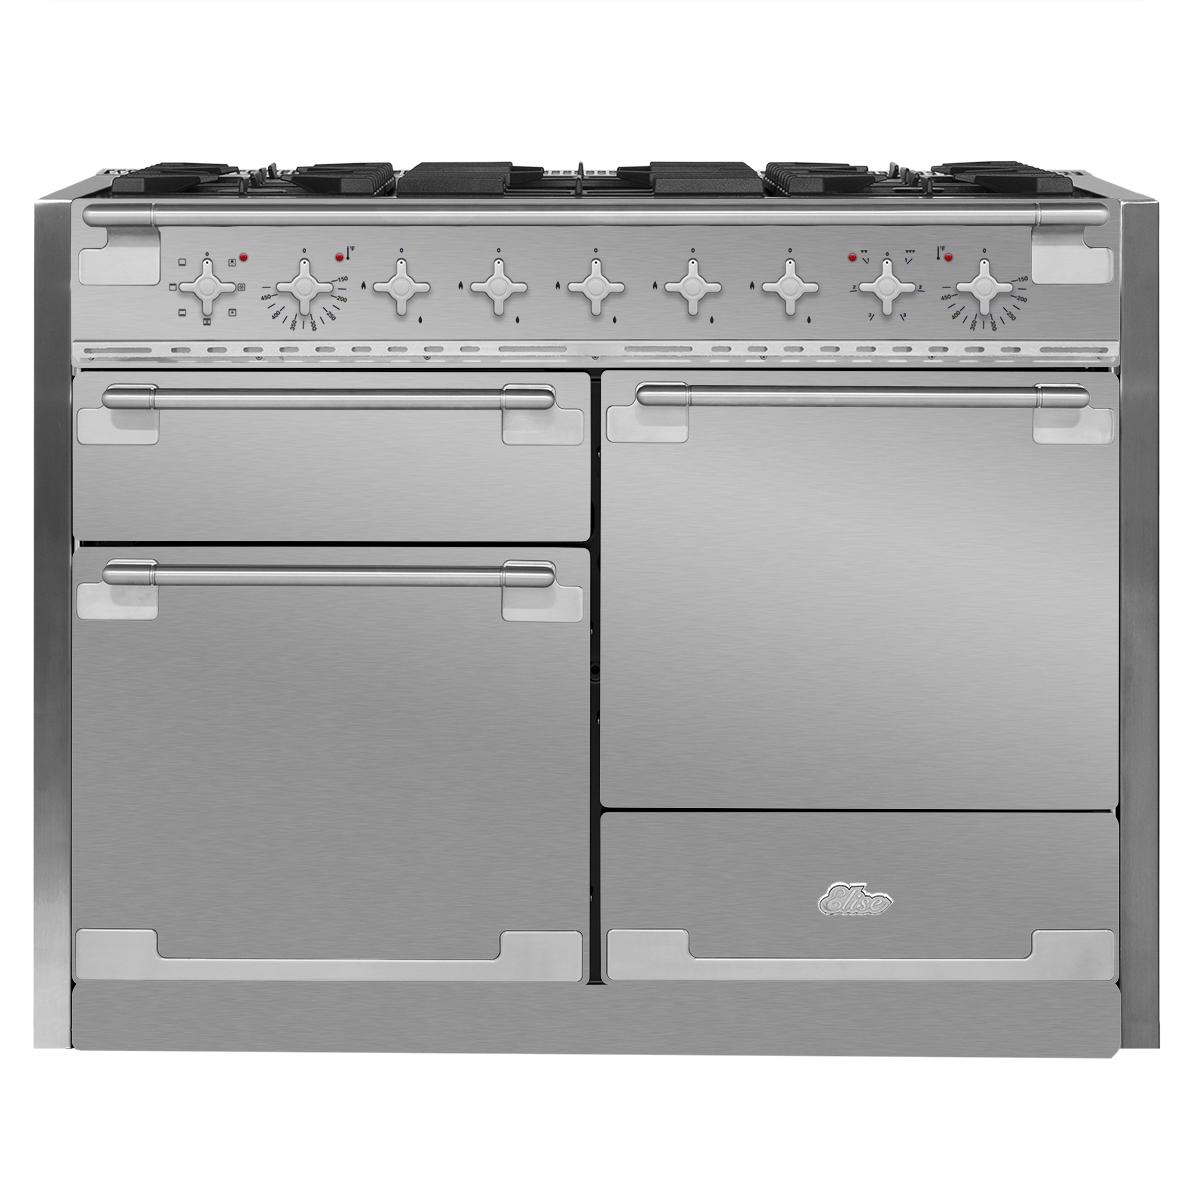 Aga Elise 48 Dual Fuel Range Stainless Steel Ael48df Ss